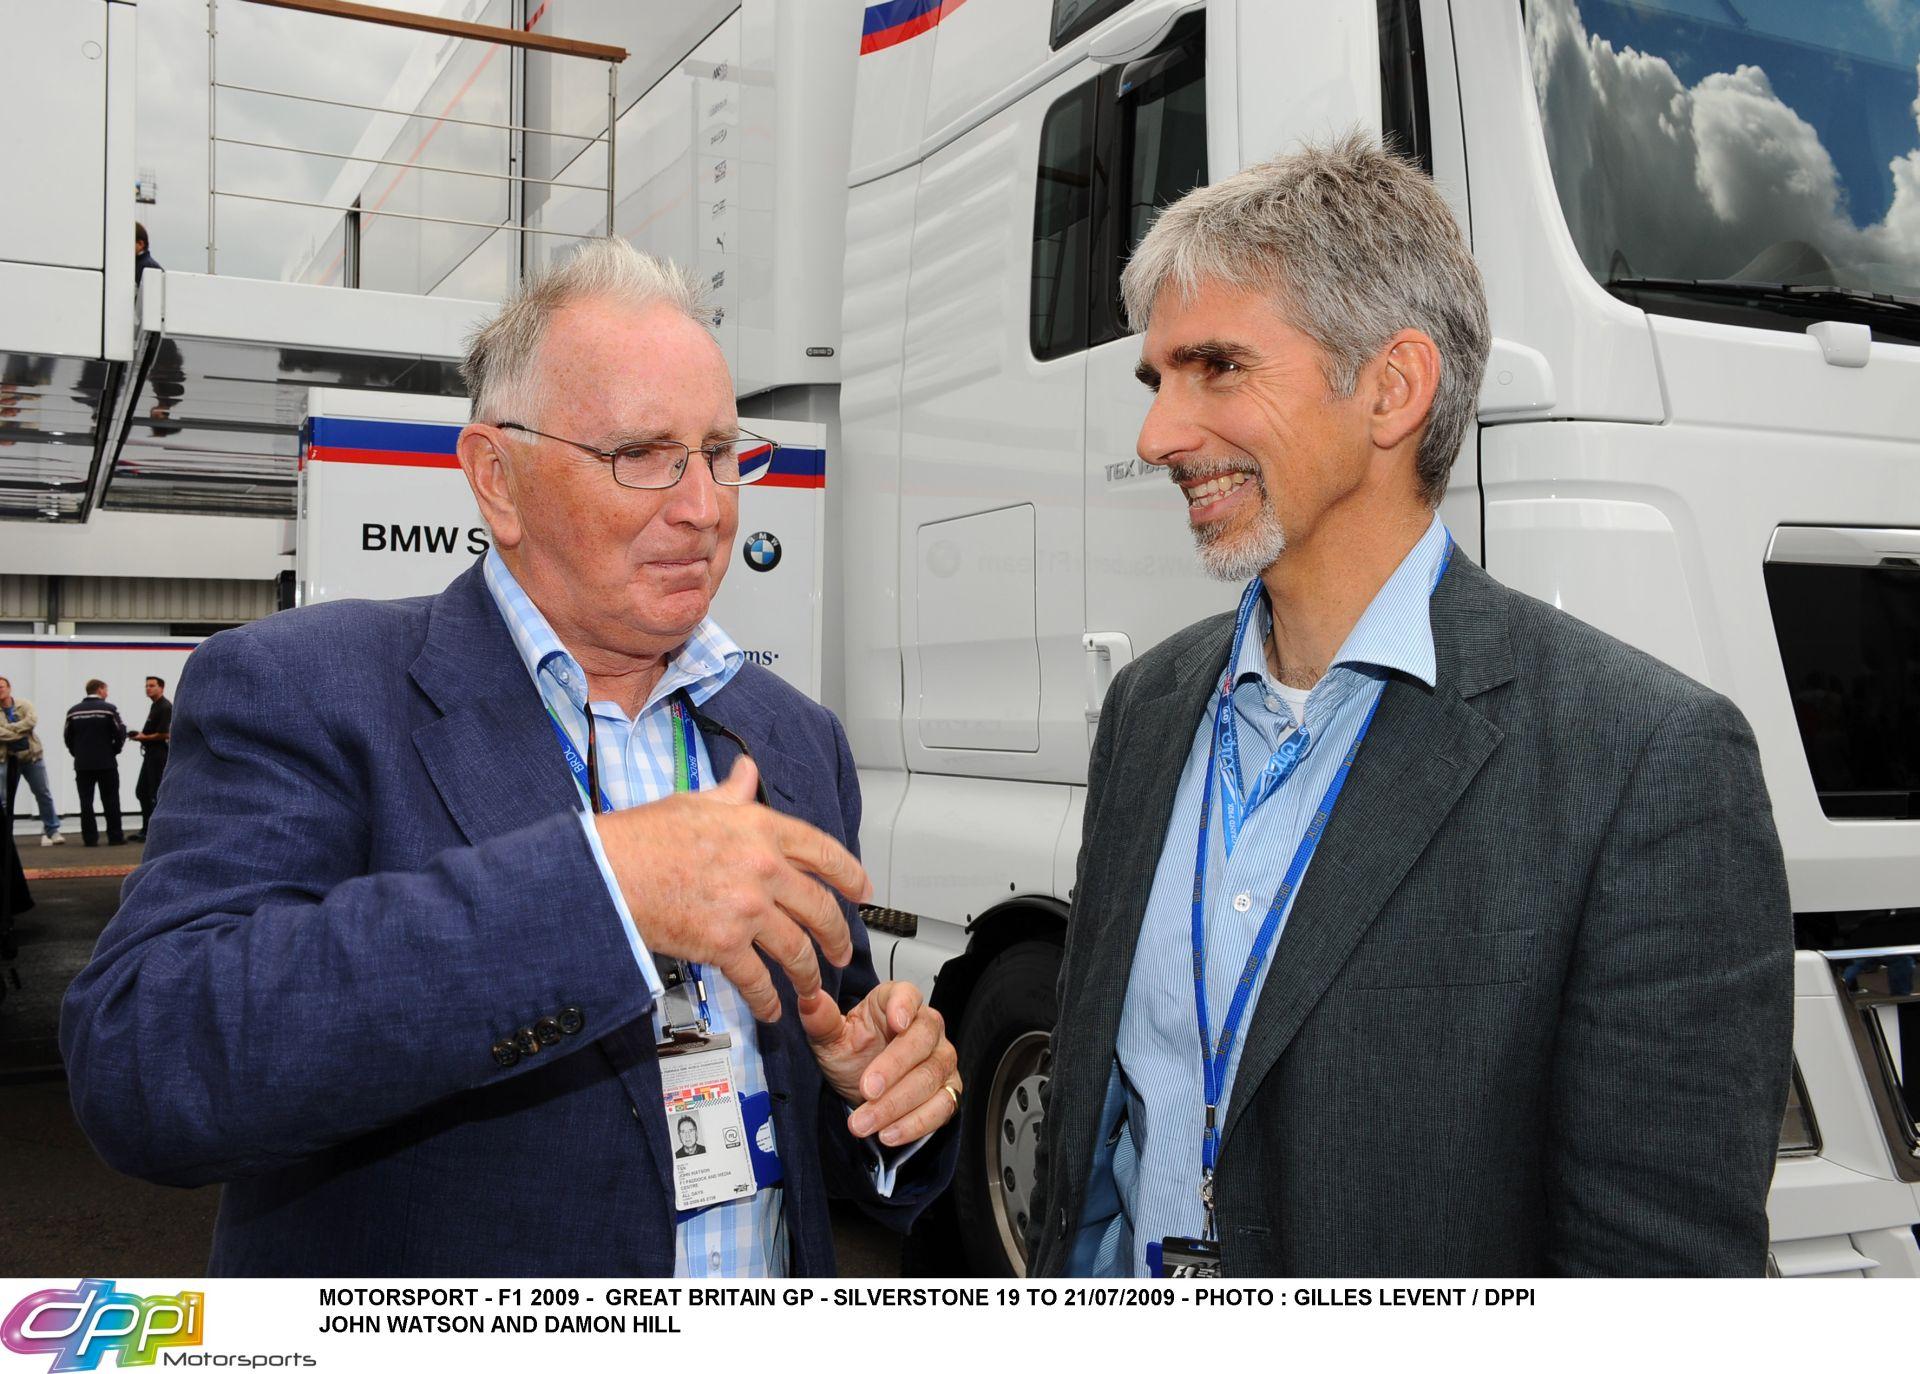 John Watson: Az F1-nek komoly problémája van, de homokba dugja a fejét